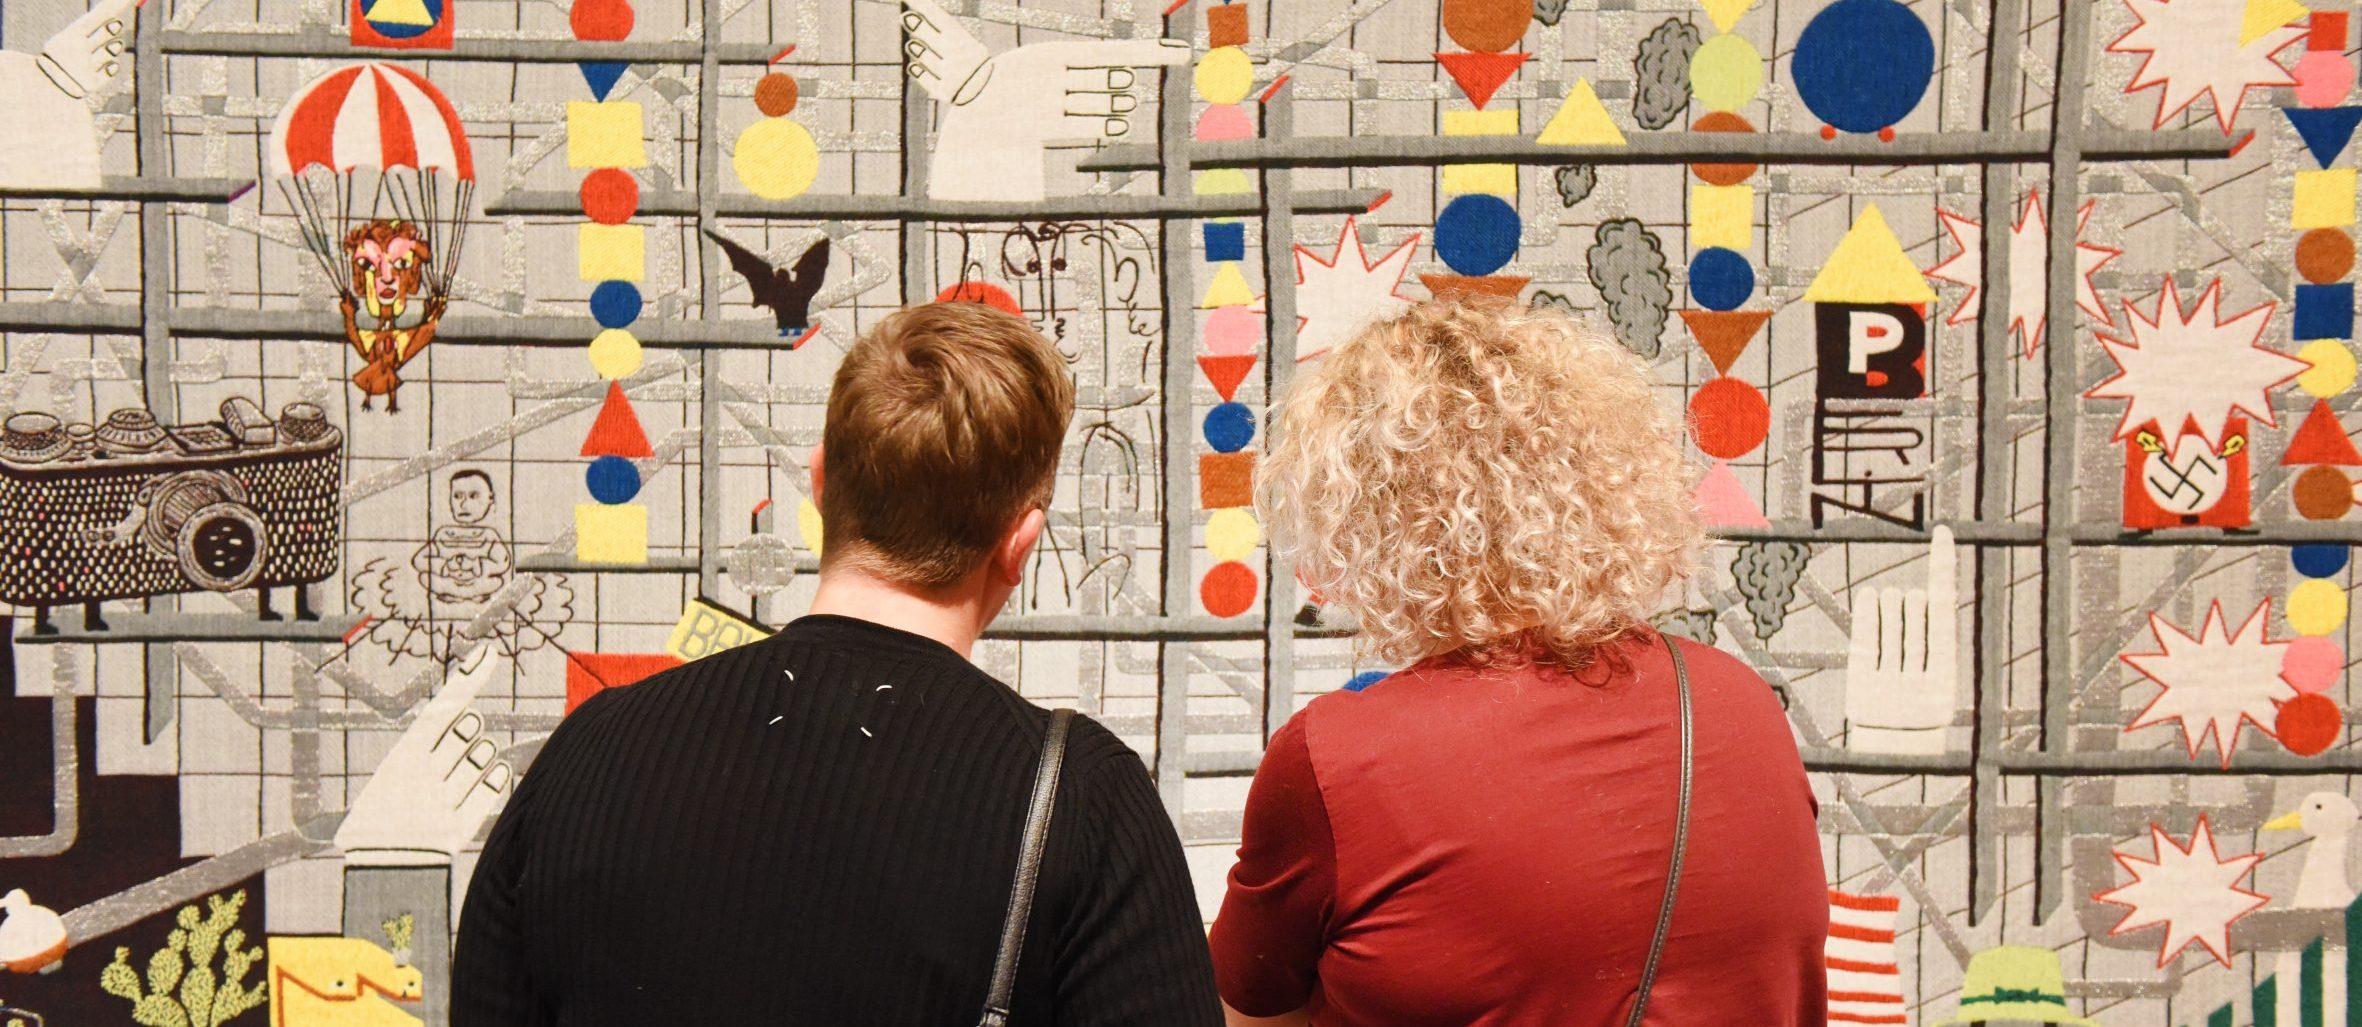 Bezoekers in de tentoonstelling Bauhaus.